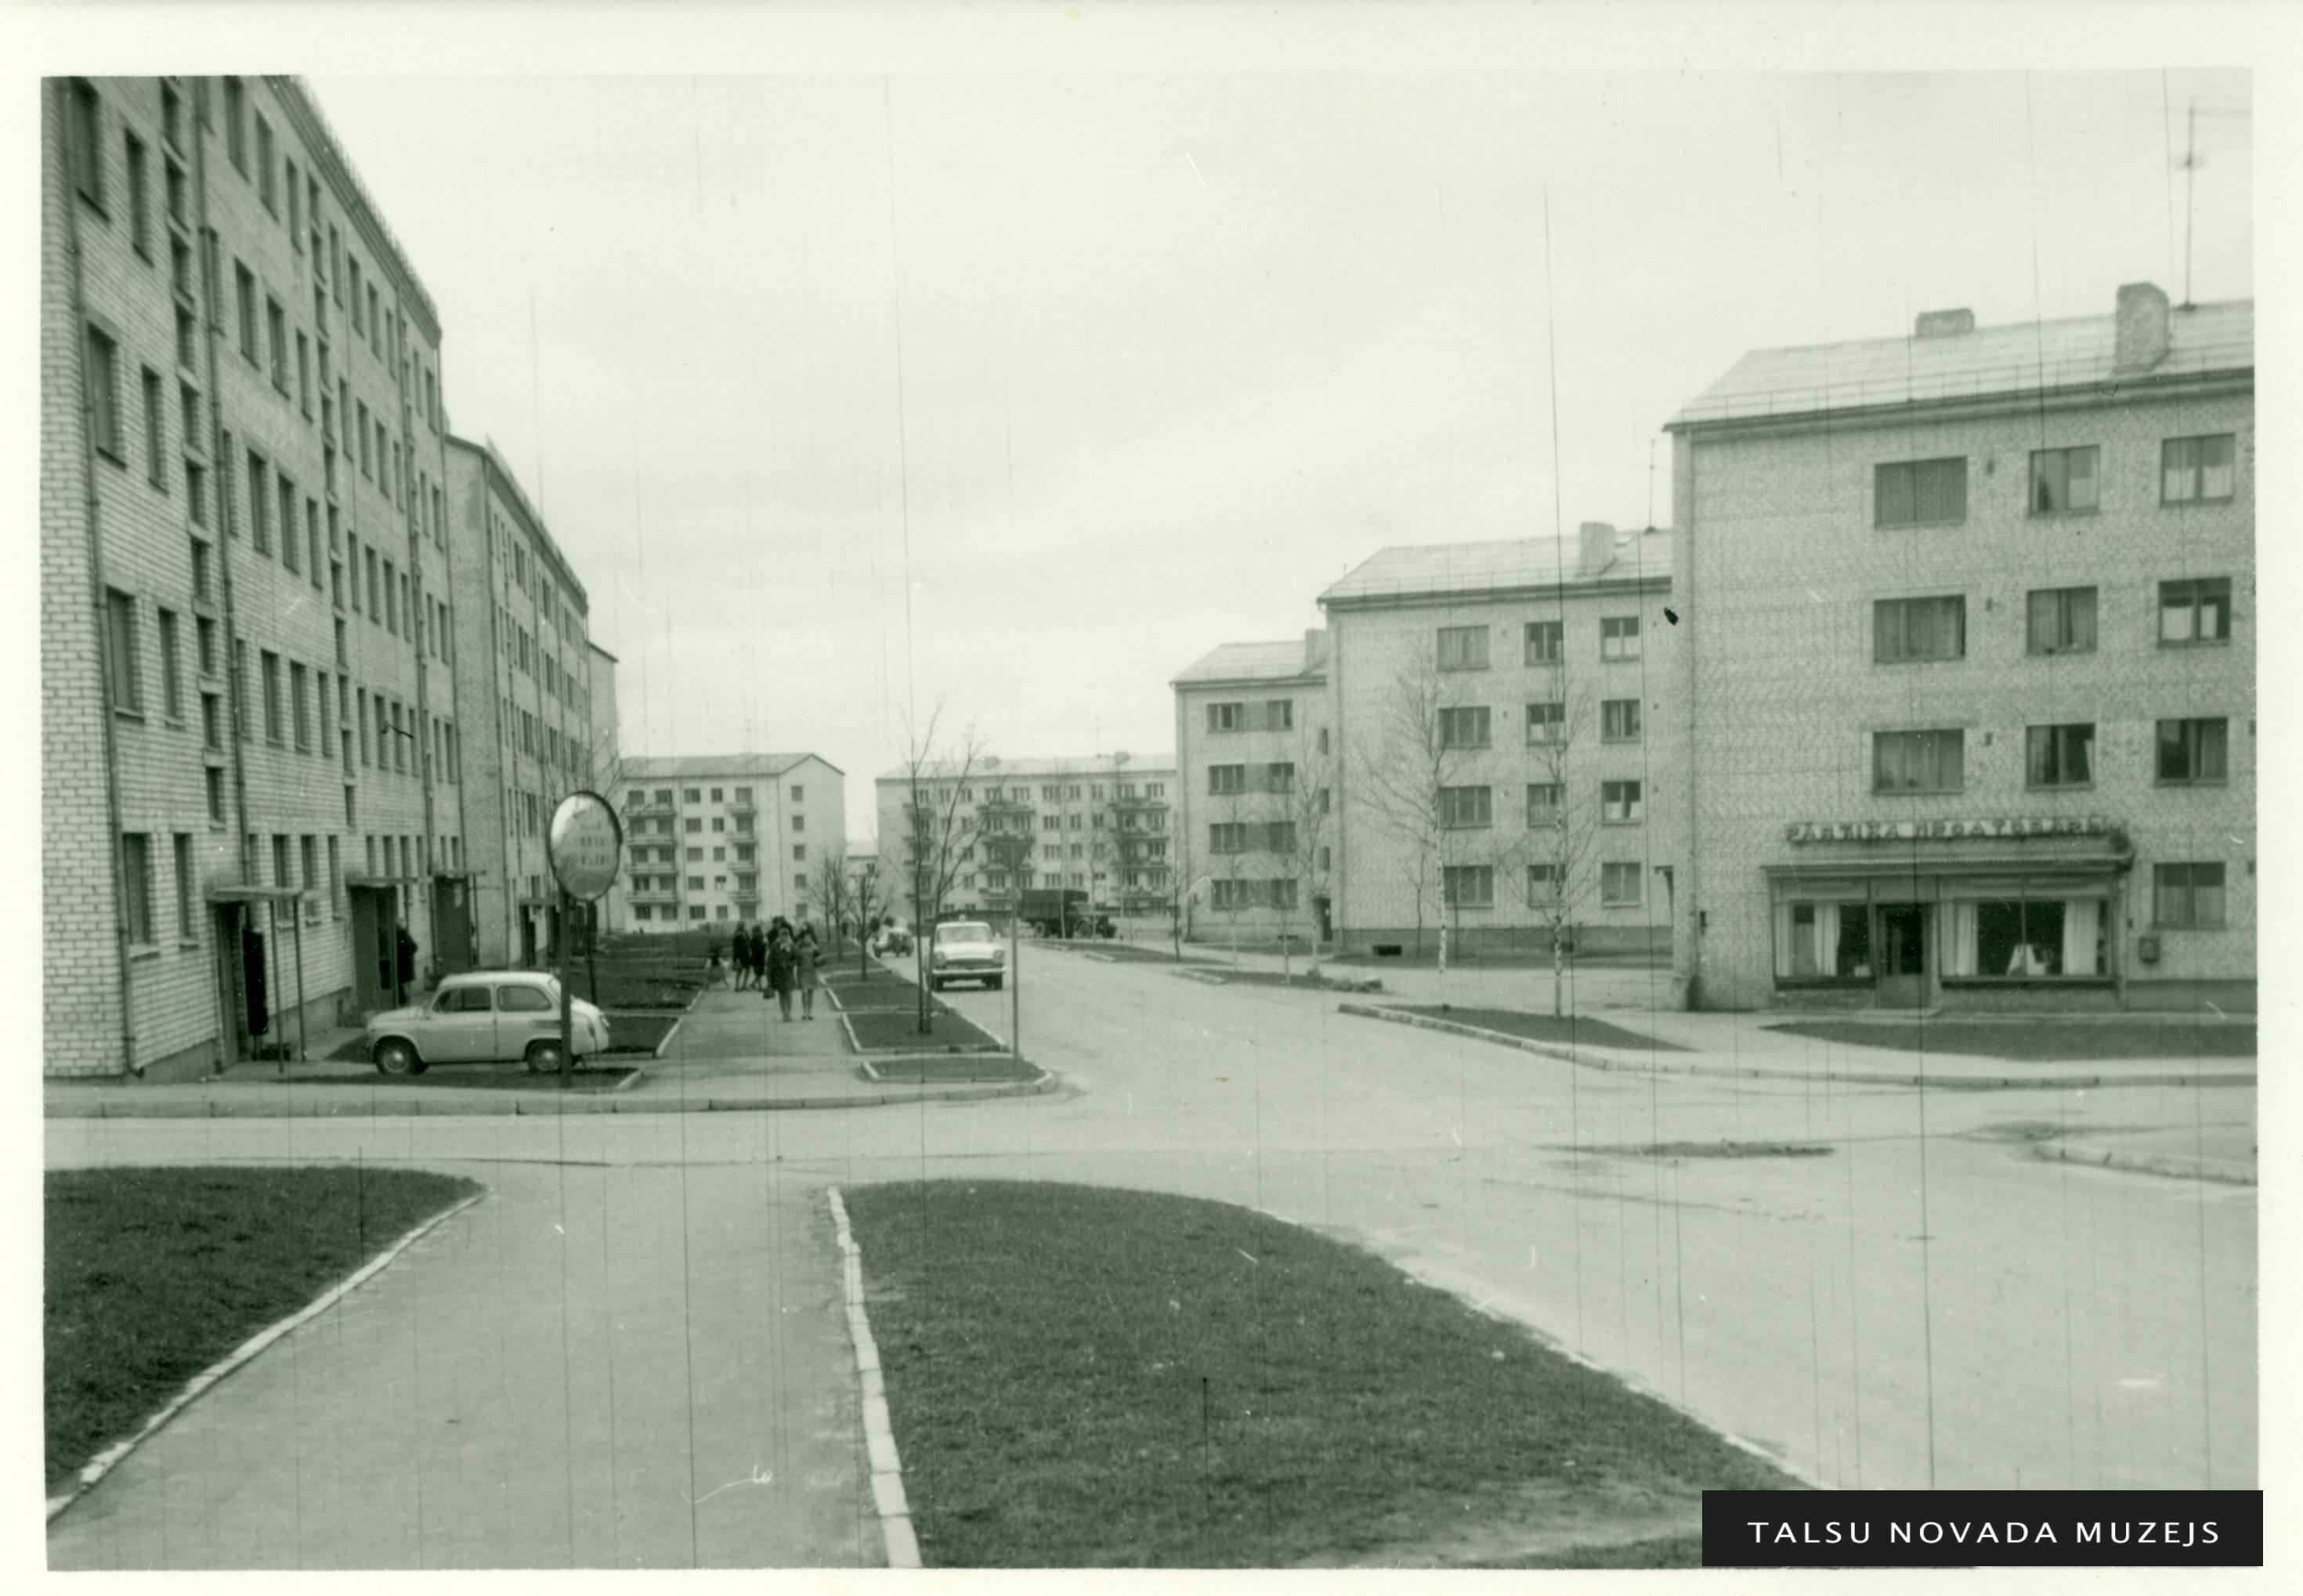 Jaunās mājas A. Pumpura ielā un bijušajā  Revolūcijas ielā Talsos 20. gs. 70. gados. Foto: Kārlis Lasenbergs.TNMM 18 722-3